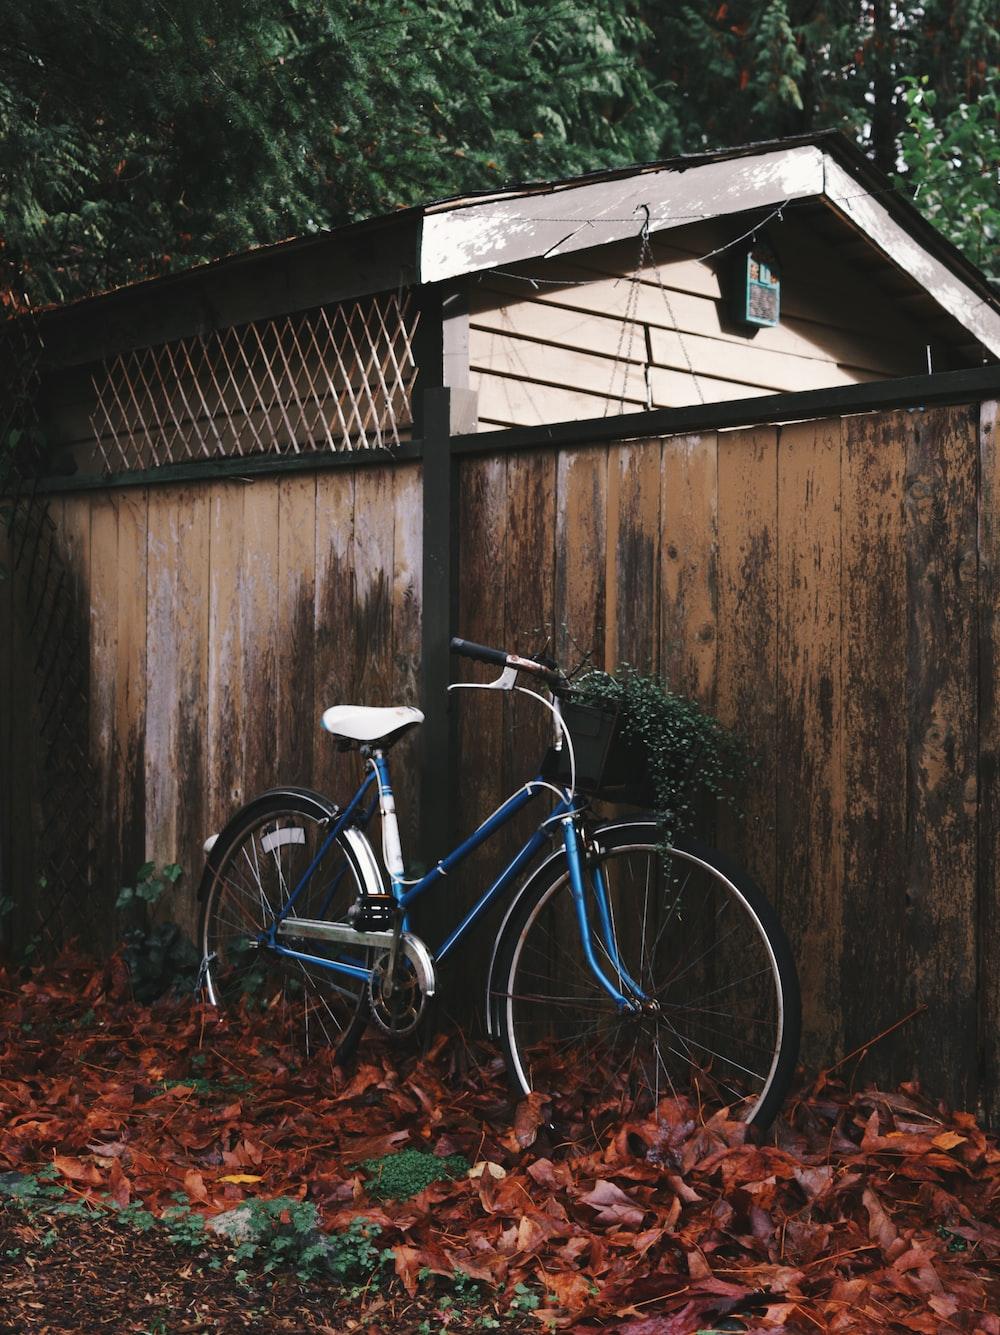 blue beach cruiser bike parked beside wall